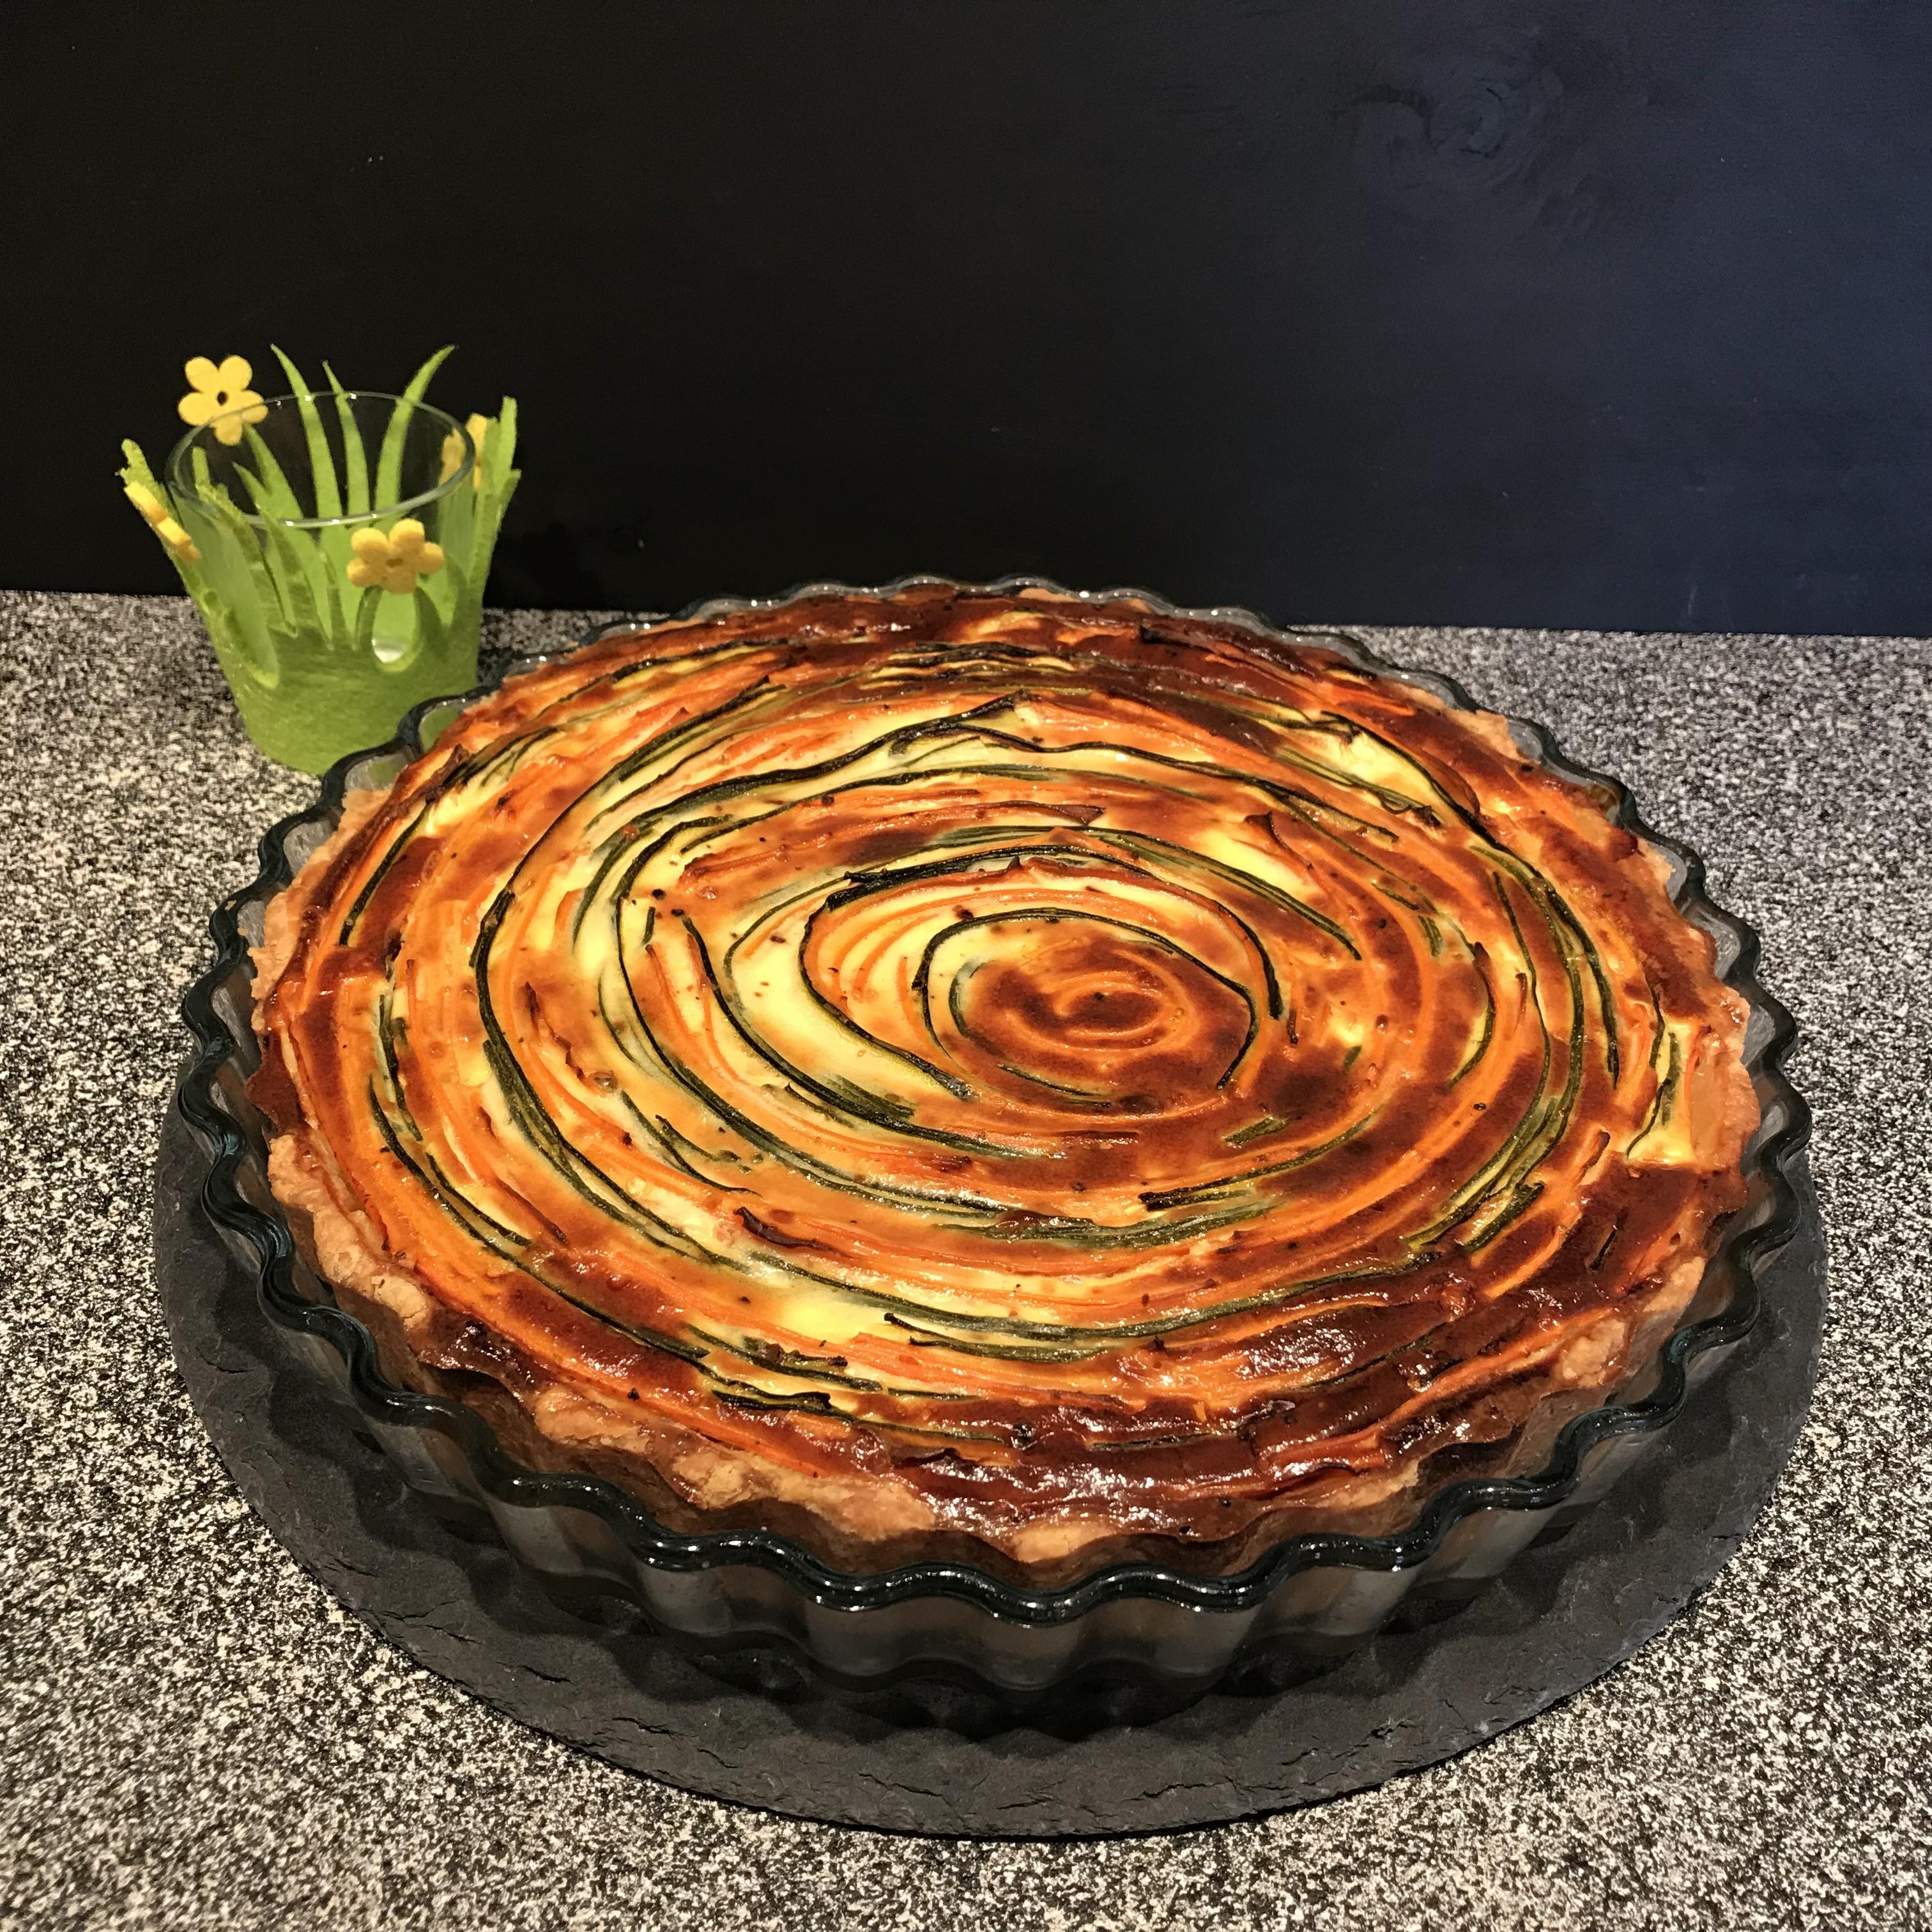 Gemüsequiche - Spiralquiche - Kathis Rezepte (1)